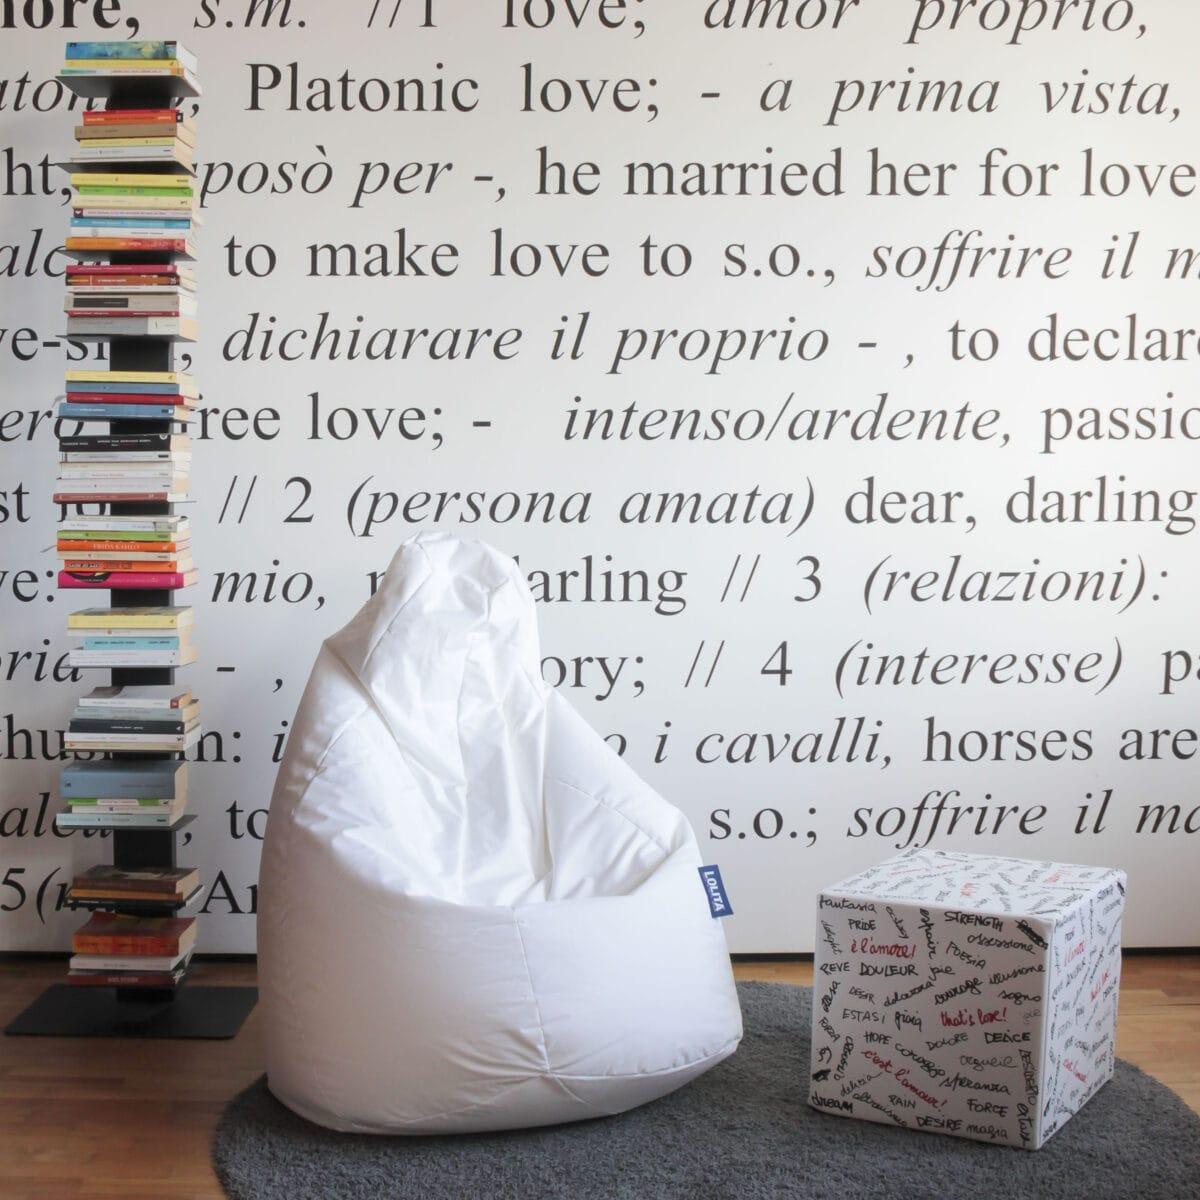 un pouff quadrato con la stampa su tutti i lati di parole relative all'amore fà da poggiapiedi o tavolino ad una poltrona a sacco bianca